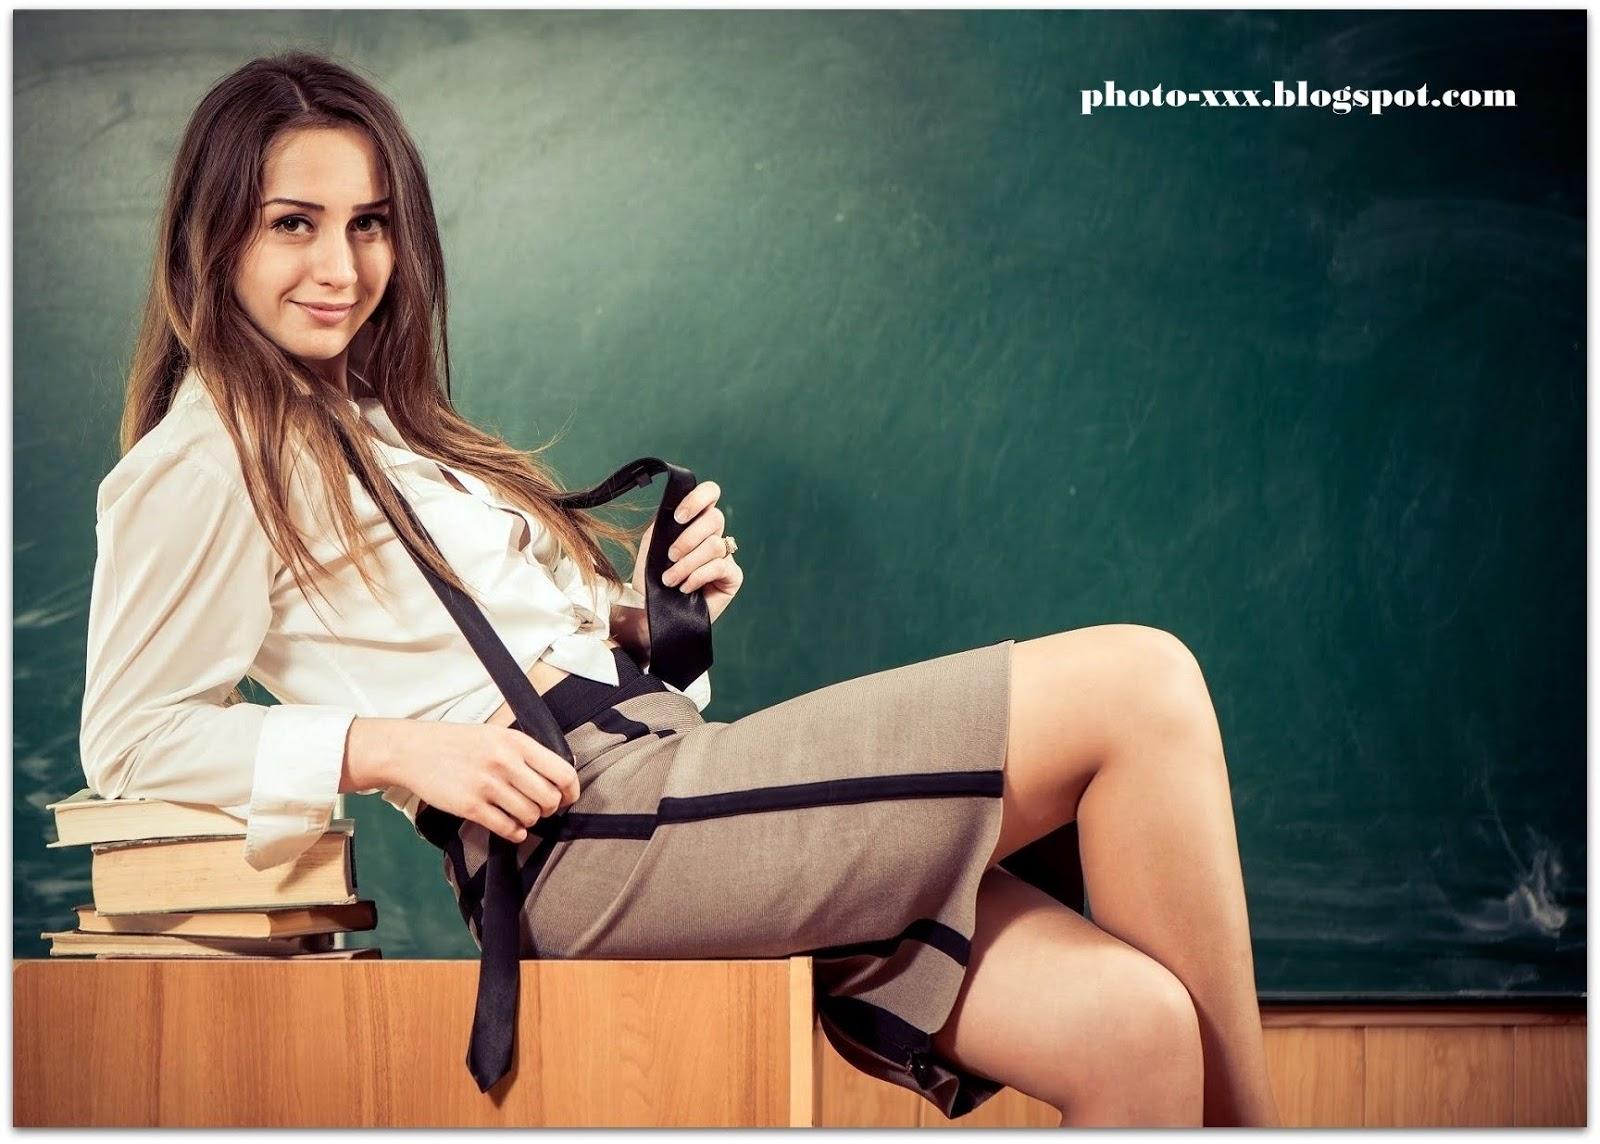 Училки которых бы я трахнул, Порно Учитель -видео. Смотреть порно онлайн! 12 фотография